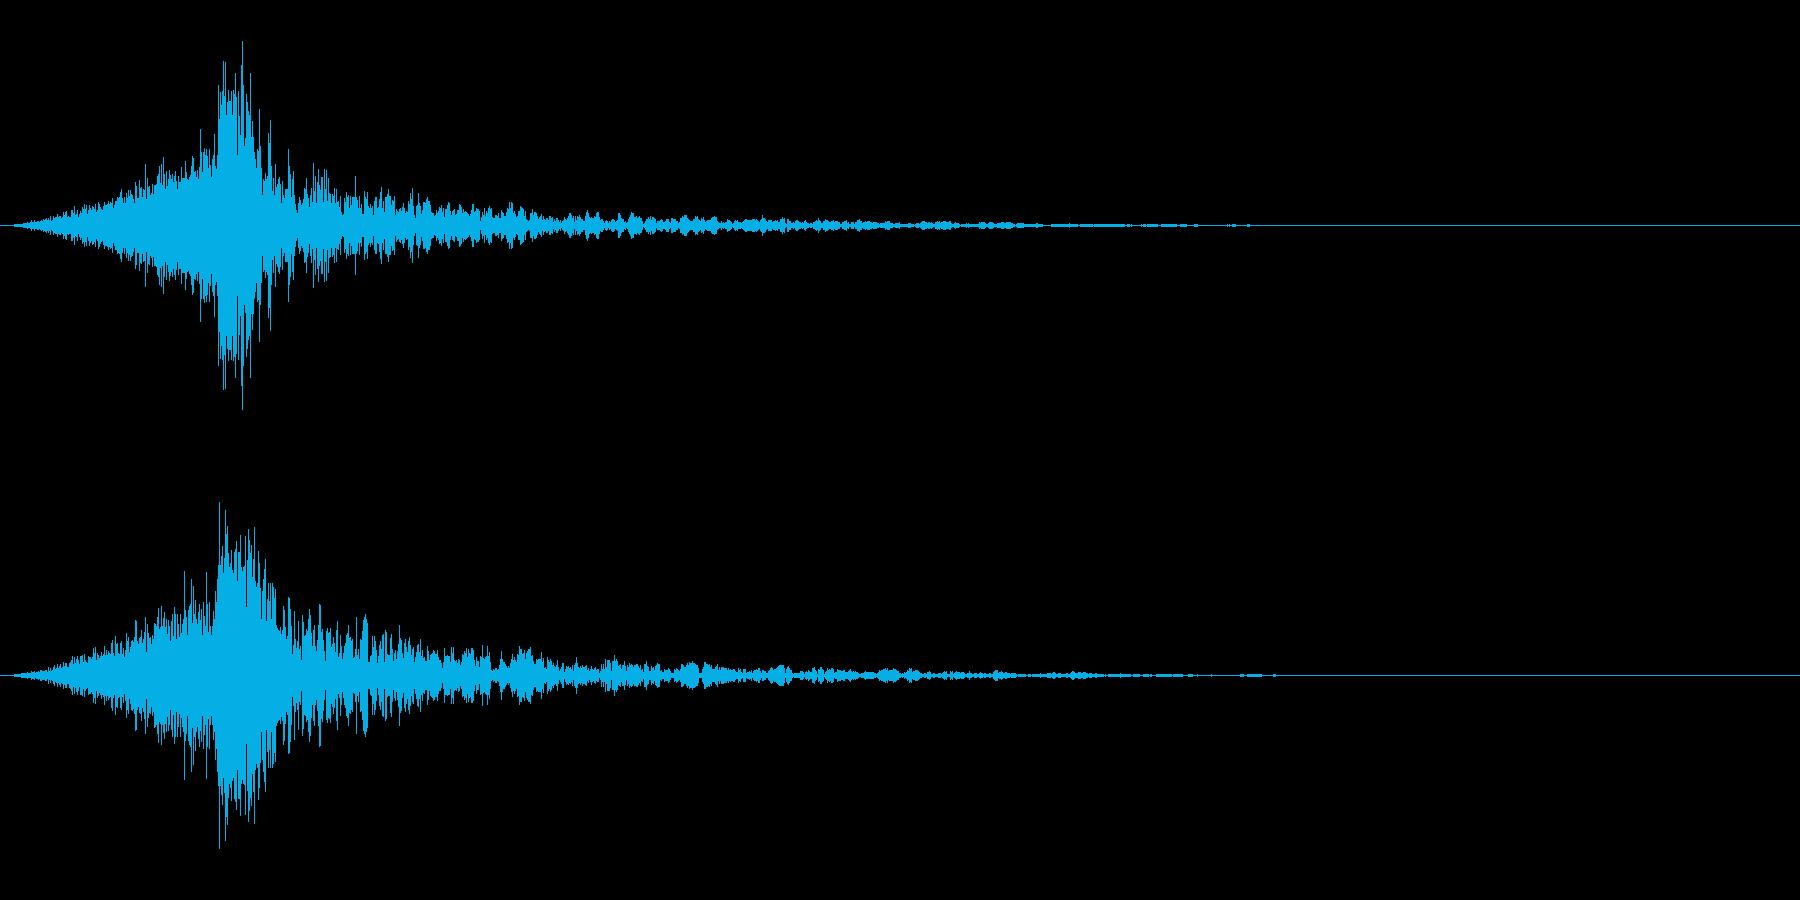 シュードーン-37-4(インパクト音)の再生済みの波形